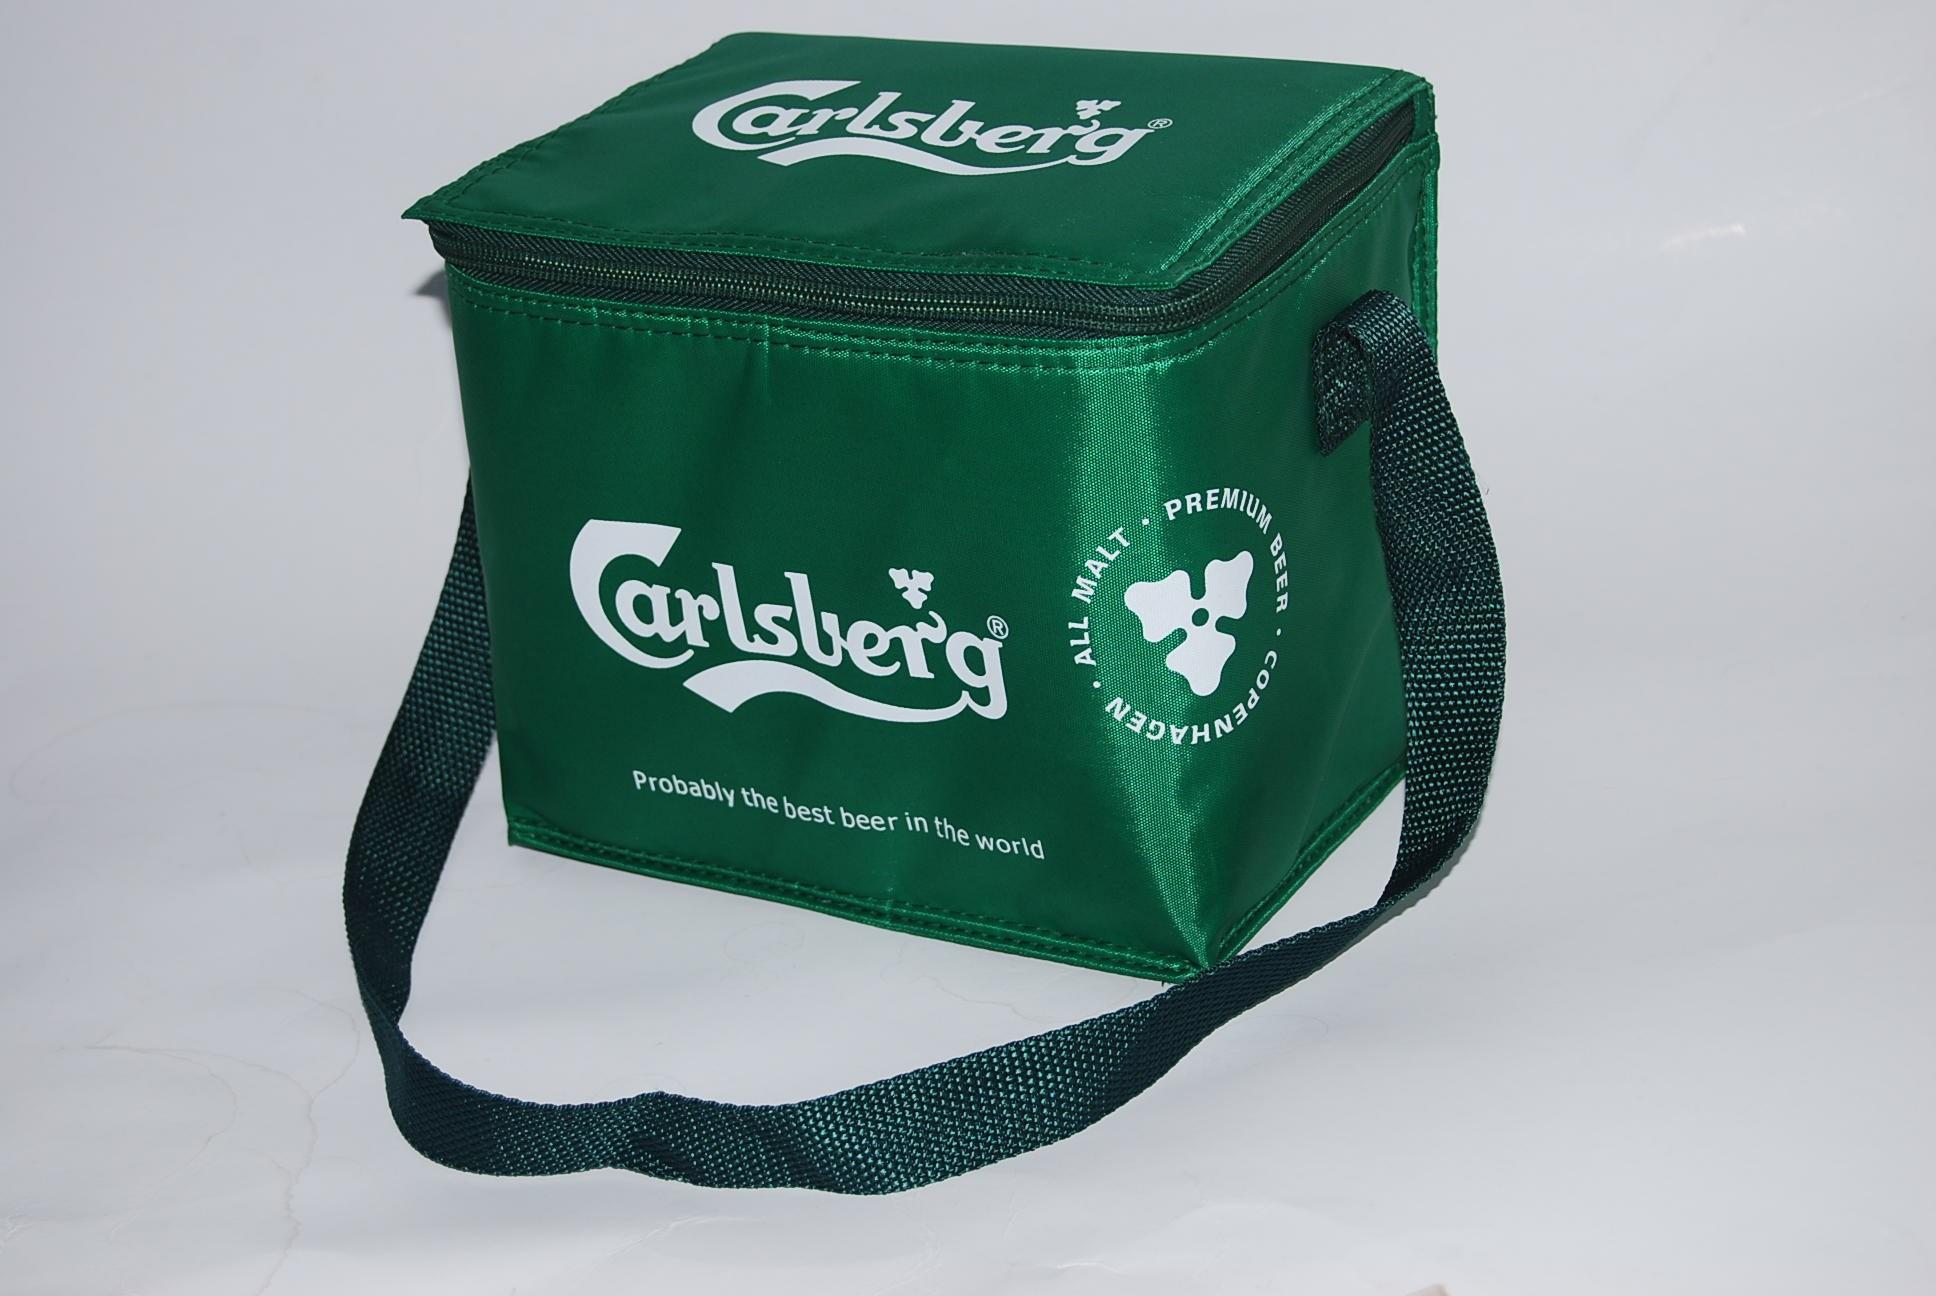 Make cooler bags for Carlsberg